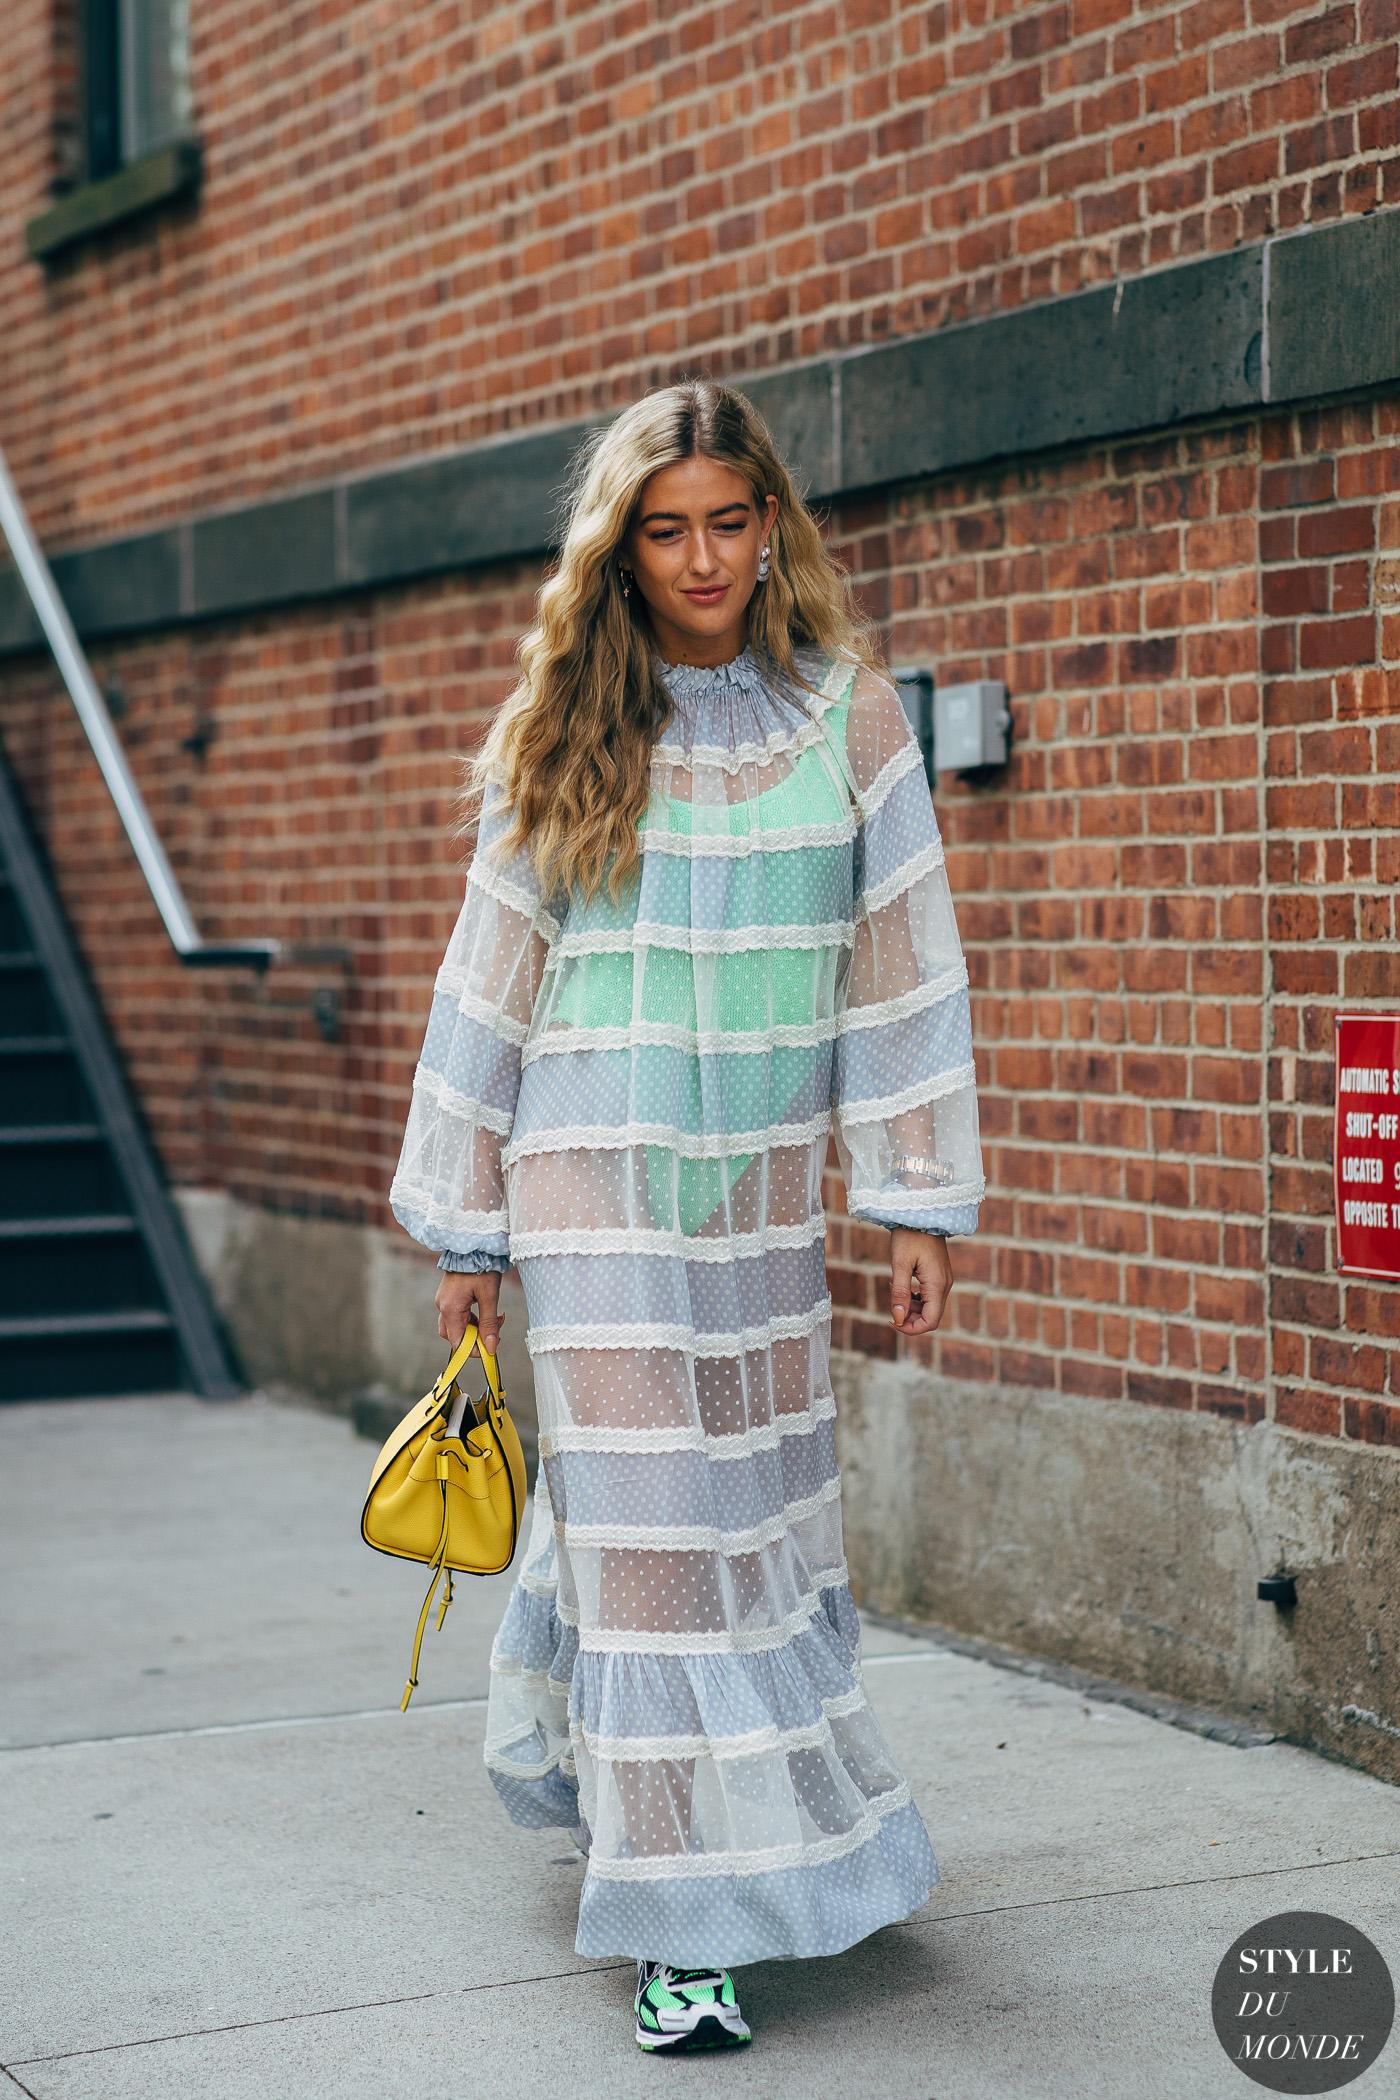 Cách phối màu quần áo đón hè với tông xanh bạc hà và tím nhạt